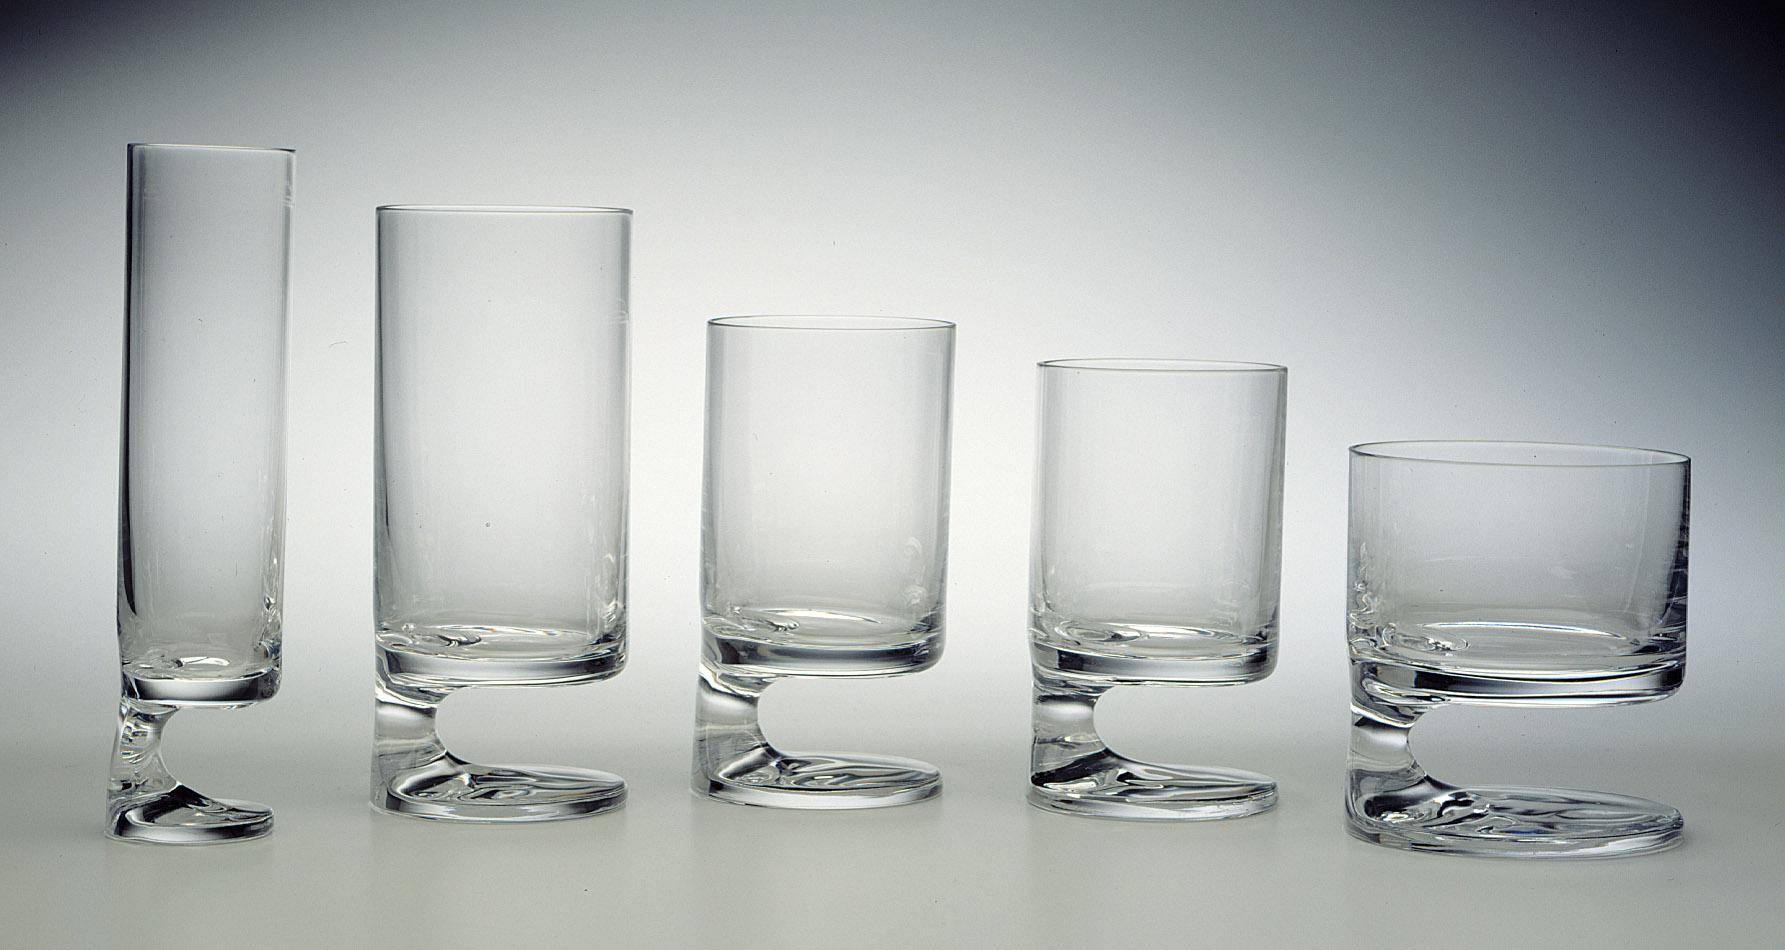 Cinq verres cylindriques de différentes tailles au pied qui s'élève d'un seul côté de la base circulaire.